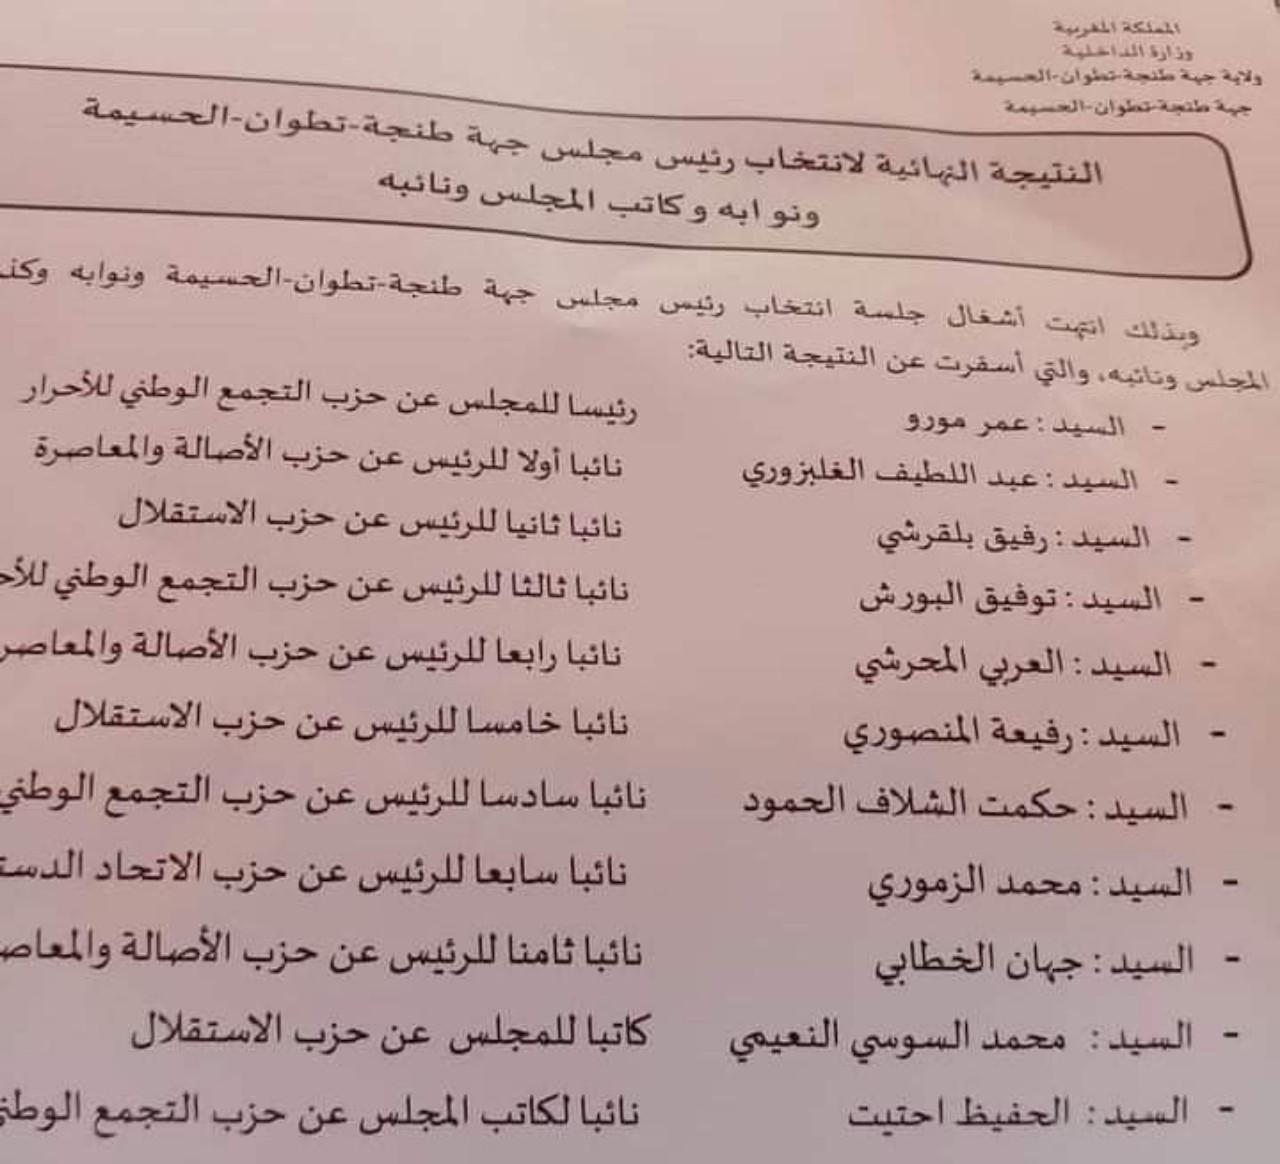 بلقرشي يظفر بالنيابة الثانية لرئاسة جهة طنجة-تطوان-الحسيمة